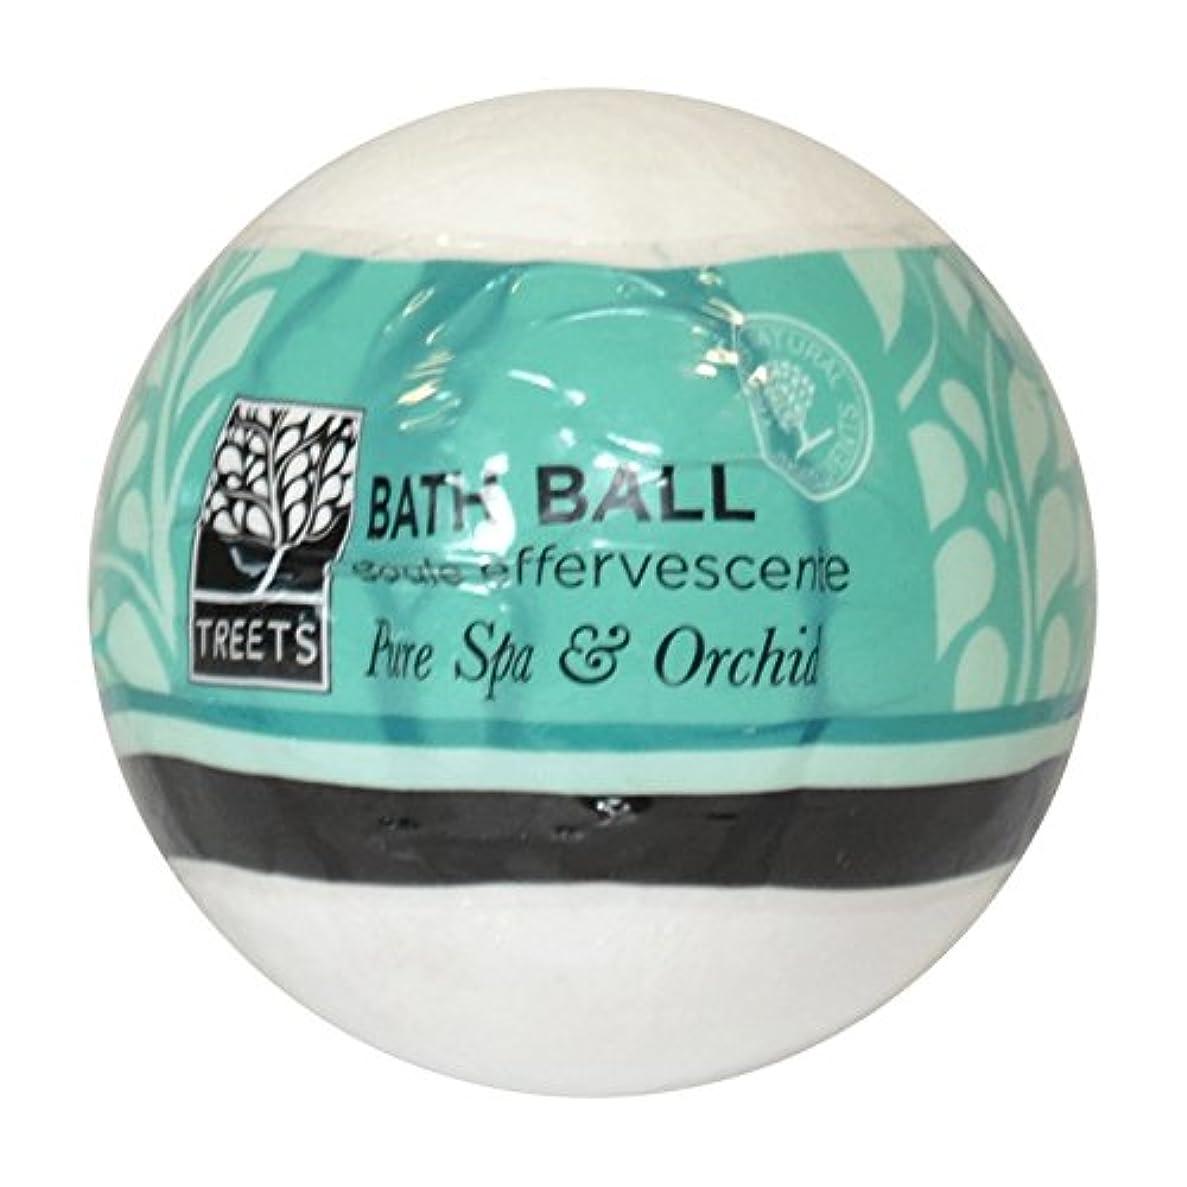 自分勘違いするツーリストTreets Orchid & Pure Spa Bath Ball (Pack of 2) - Treets蘭&純粋なスパバスボール (x2) [並行輸入品]